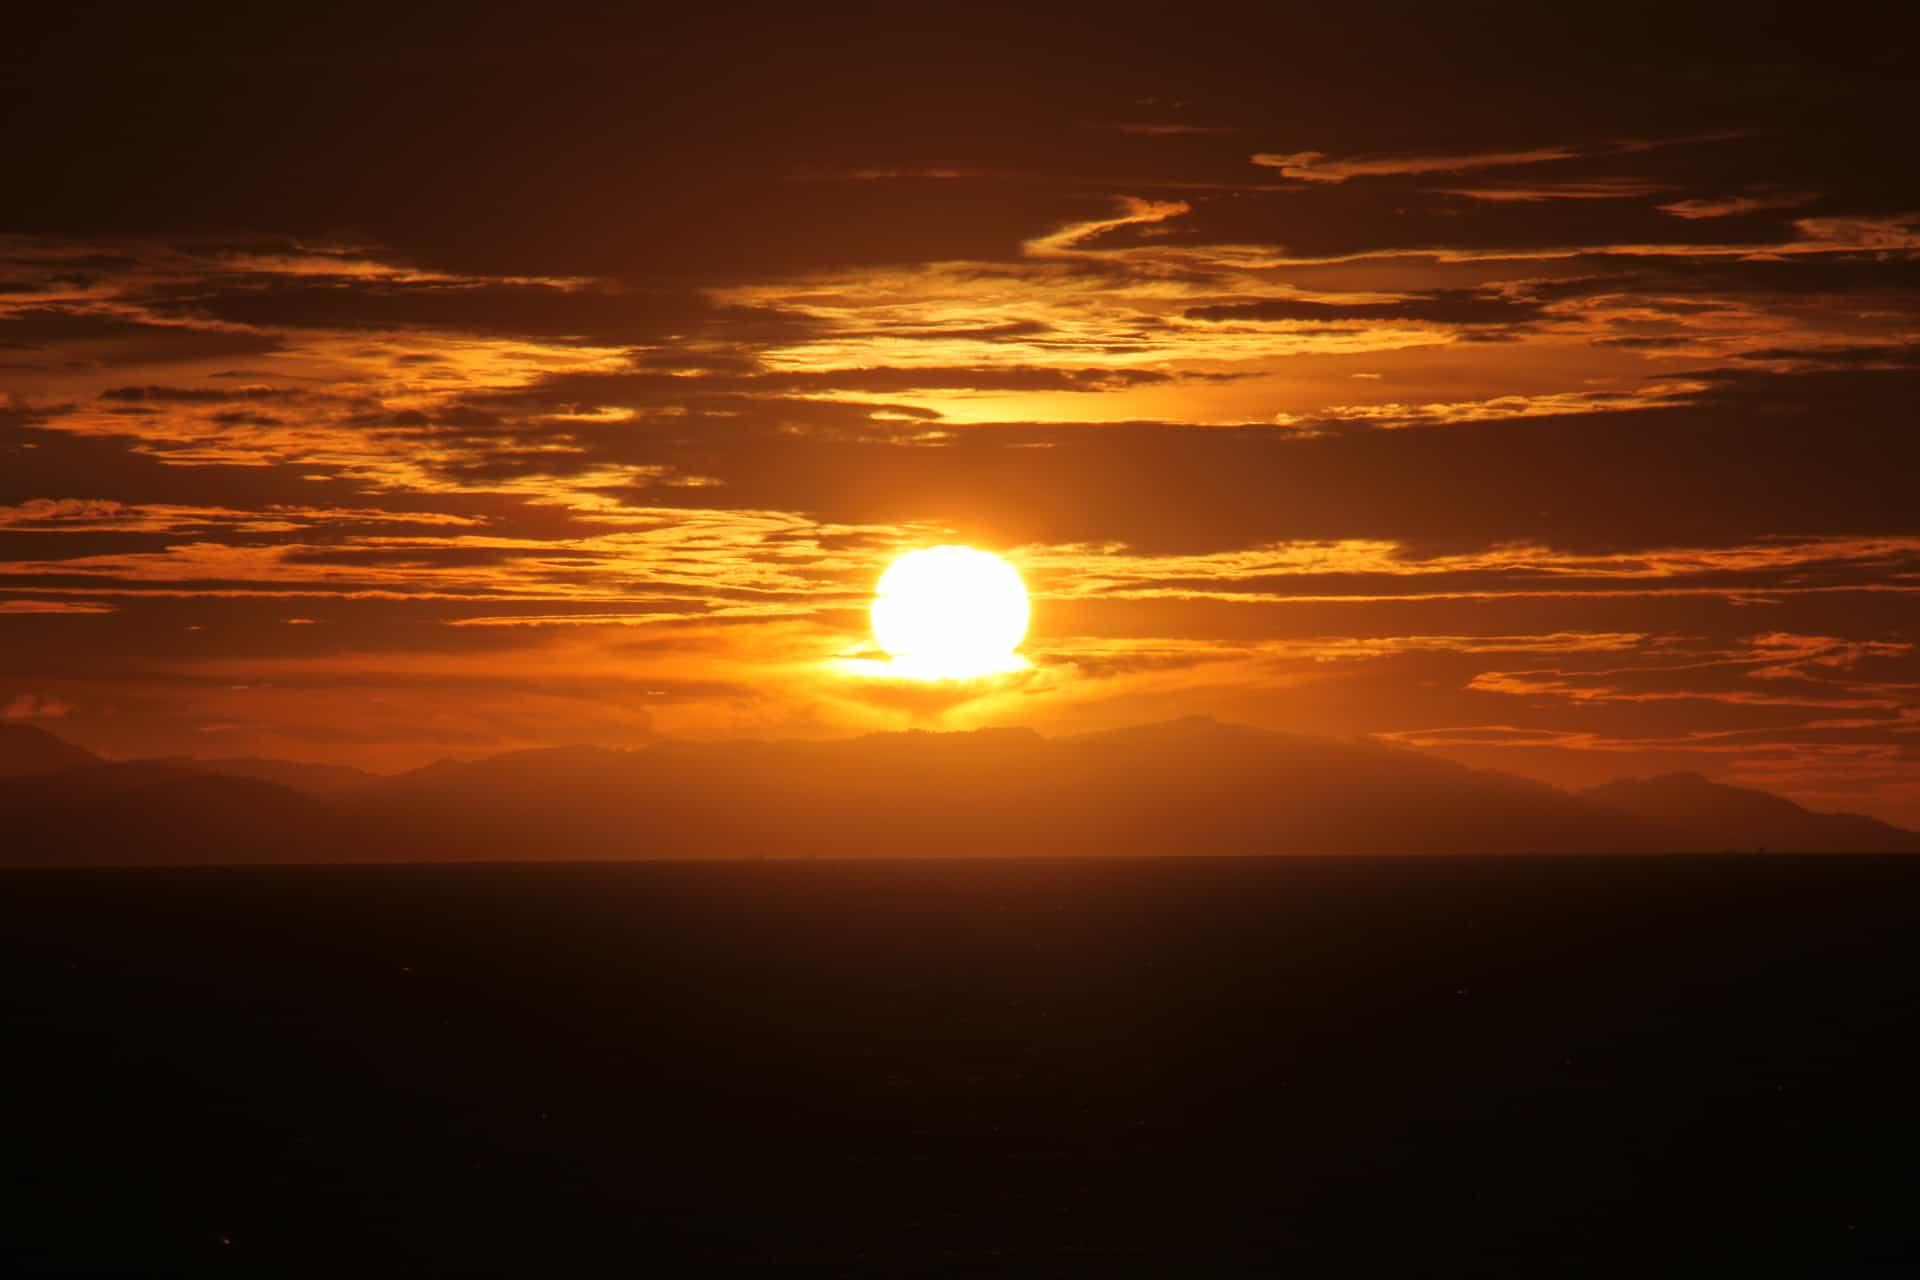 Schöner_Sonnenuntergang_20